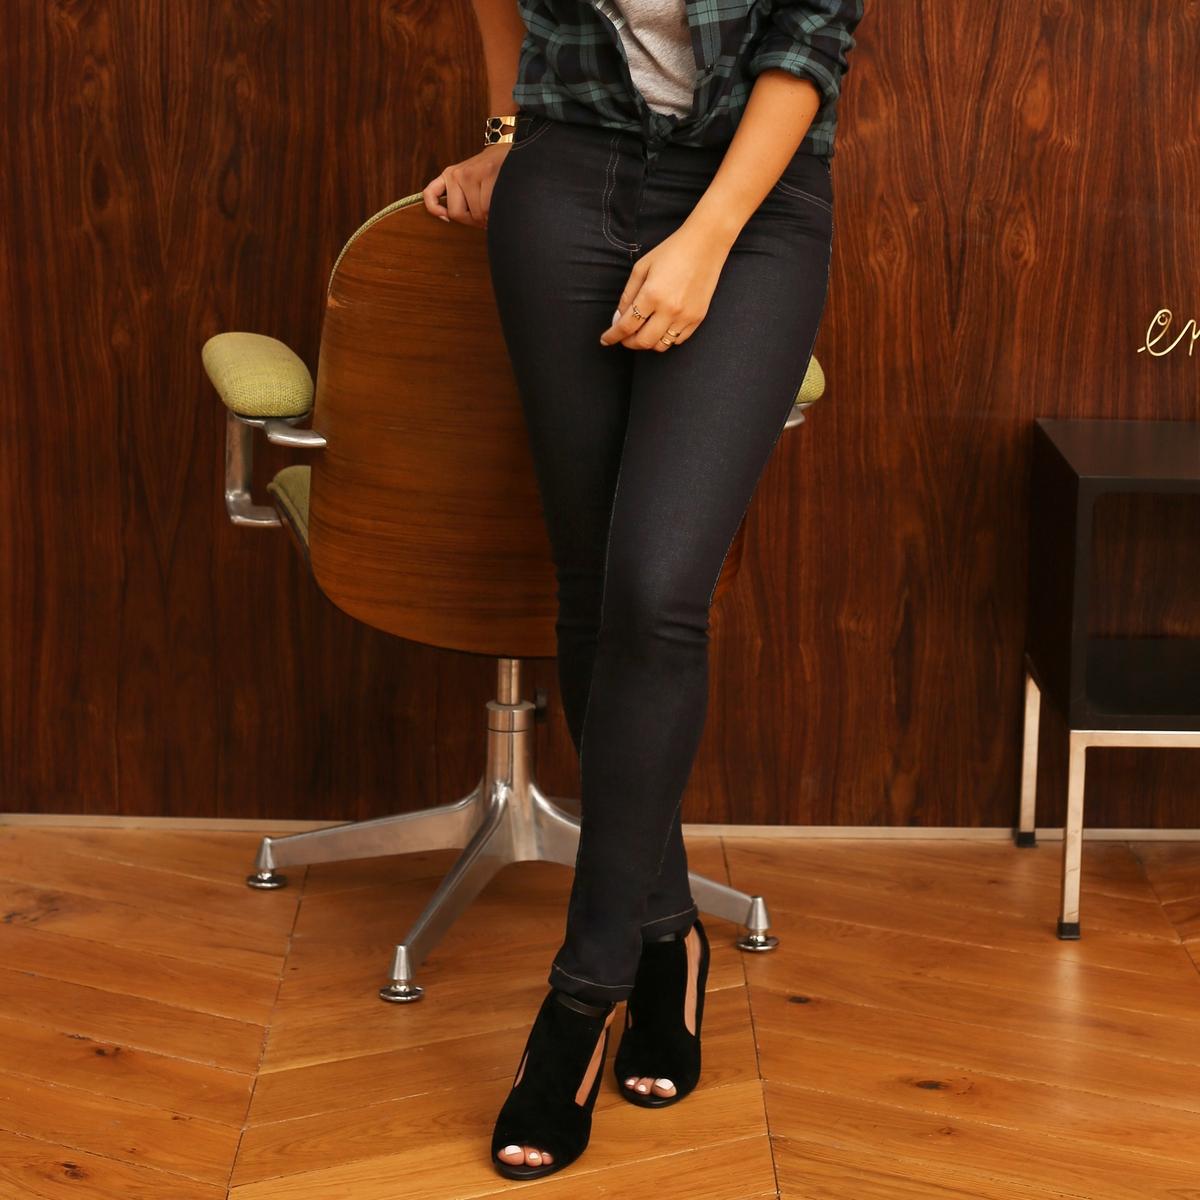 Джинсы узкиеEnjoyPh?nix продолжнает завоевывать мир моды и создает капсульную коллекцию для La Redoute. Самые стильные вещи сезона и модные украшения, олицетворяющие новое поколение, не представляющее своей жизни без общения! Зауженные джинсы из темного денима. 2 кармана спереди и 2 кармана сзади.  Низкий пояс, пояс со шлевками. Застежка на пуговицы спереди.Состав и описание :Основной материал  : 98% хлопка, 2% эластанаДлина по внутр. шву : 80 смШирина по низу : 14,5 смМарка : EnjoyPh?nixУход :Стирка при 30°, на деликатном режиме Отбеливание запрещеноГладить при умеренной температуреСухая чистка запрещена  Барабанная сушка запрещена<br><br>Цвет: темно-синий<br>Размер: 40 (FR) - 46 (RUS)